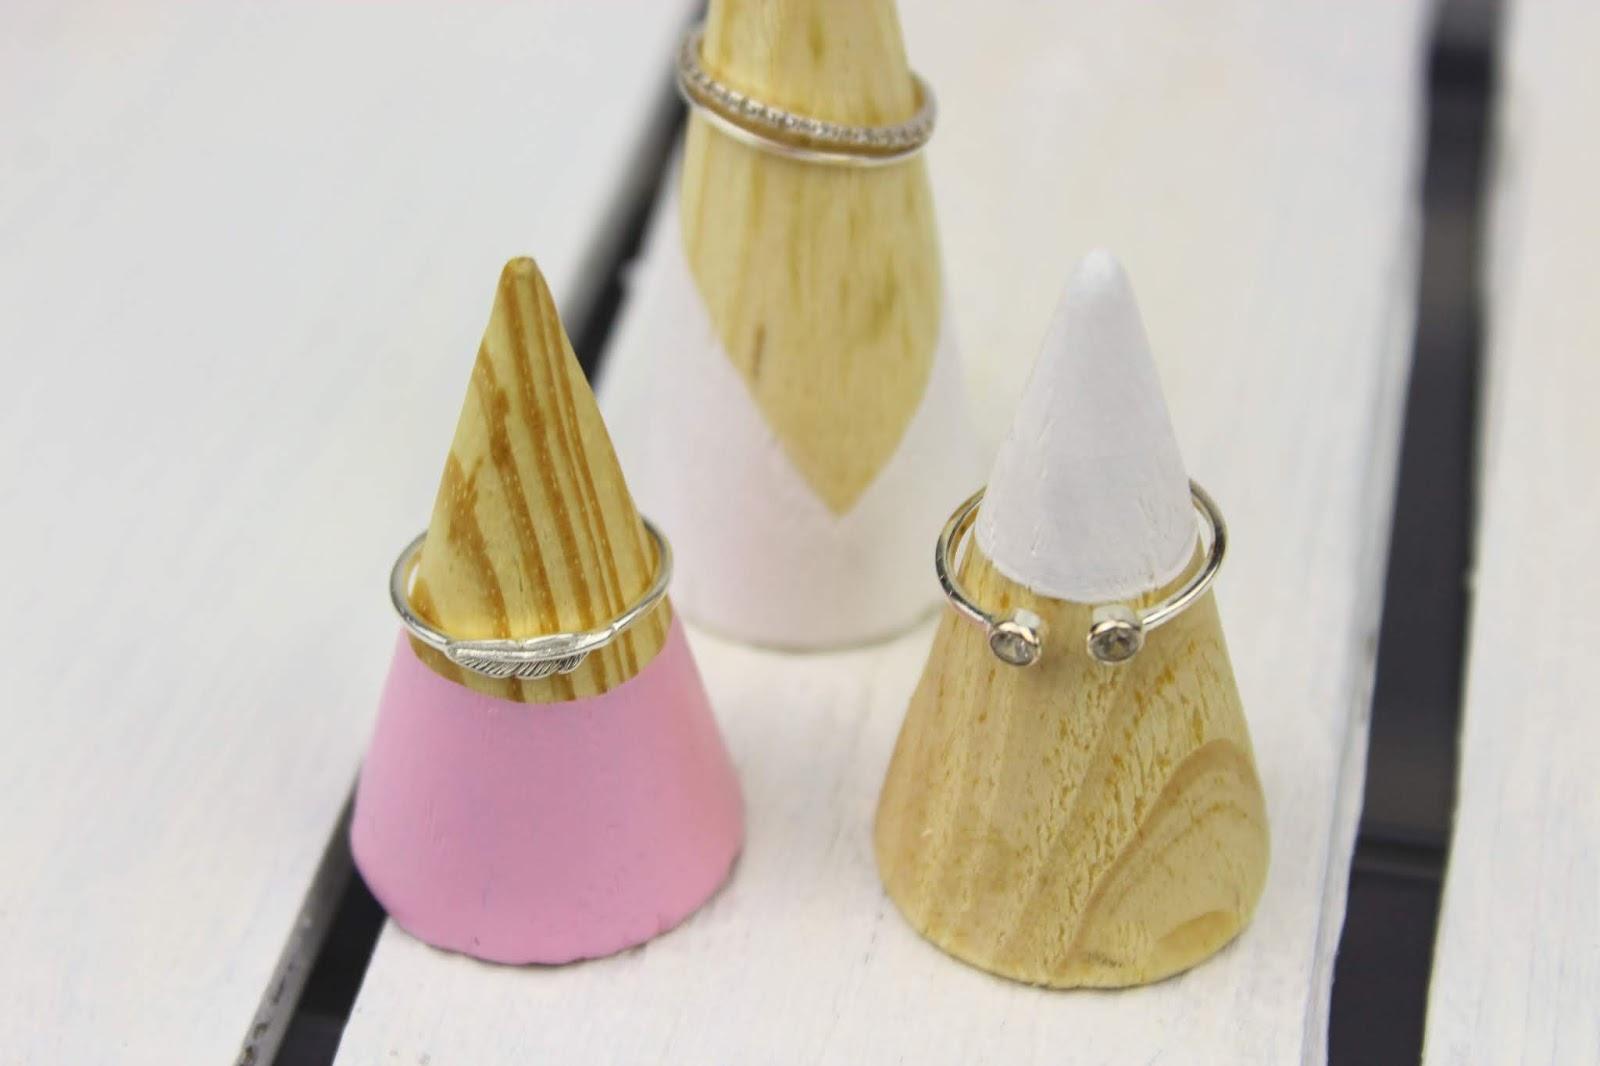 DIY Ringhalter aus Holz - die perfekte, selbstgemachte Schmuckaufbewahrung